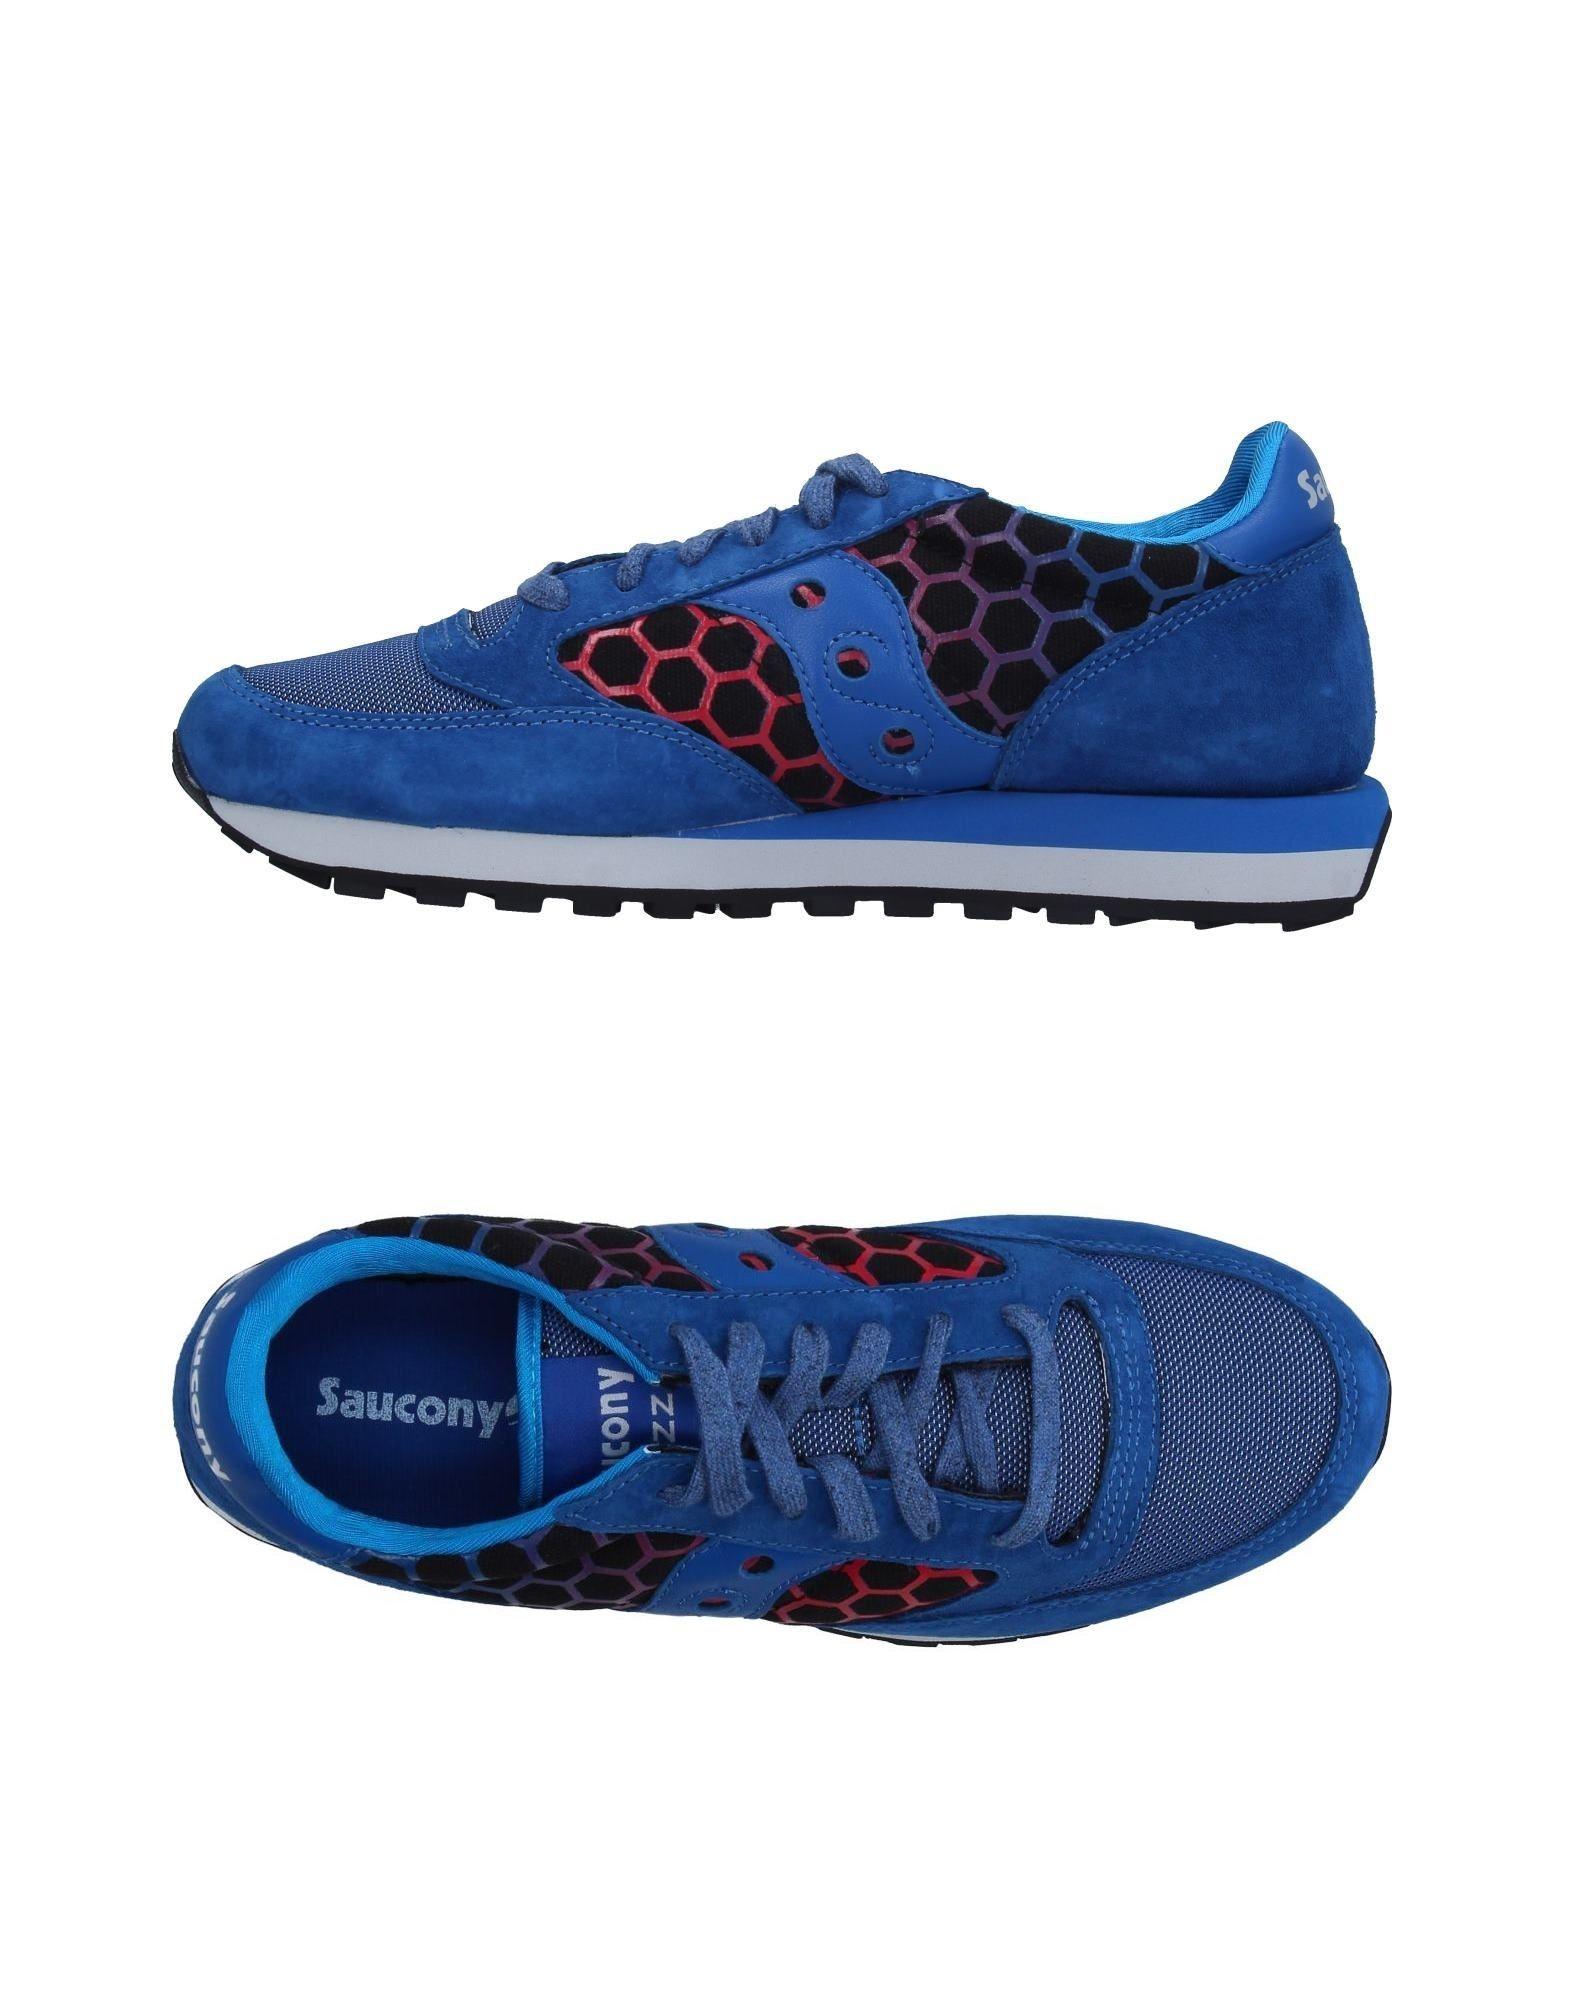 Rabatt echte Schuhe Saucony Sneakers Herren  11327054RJ